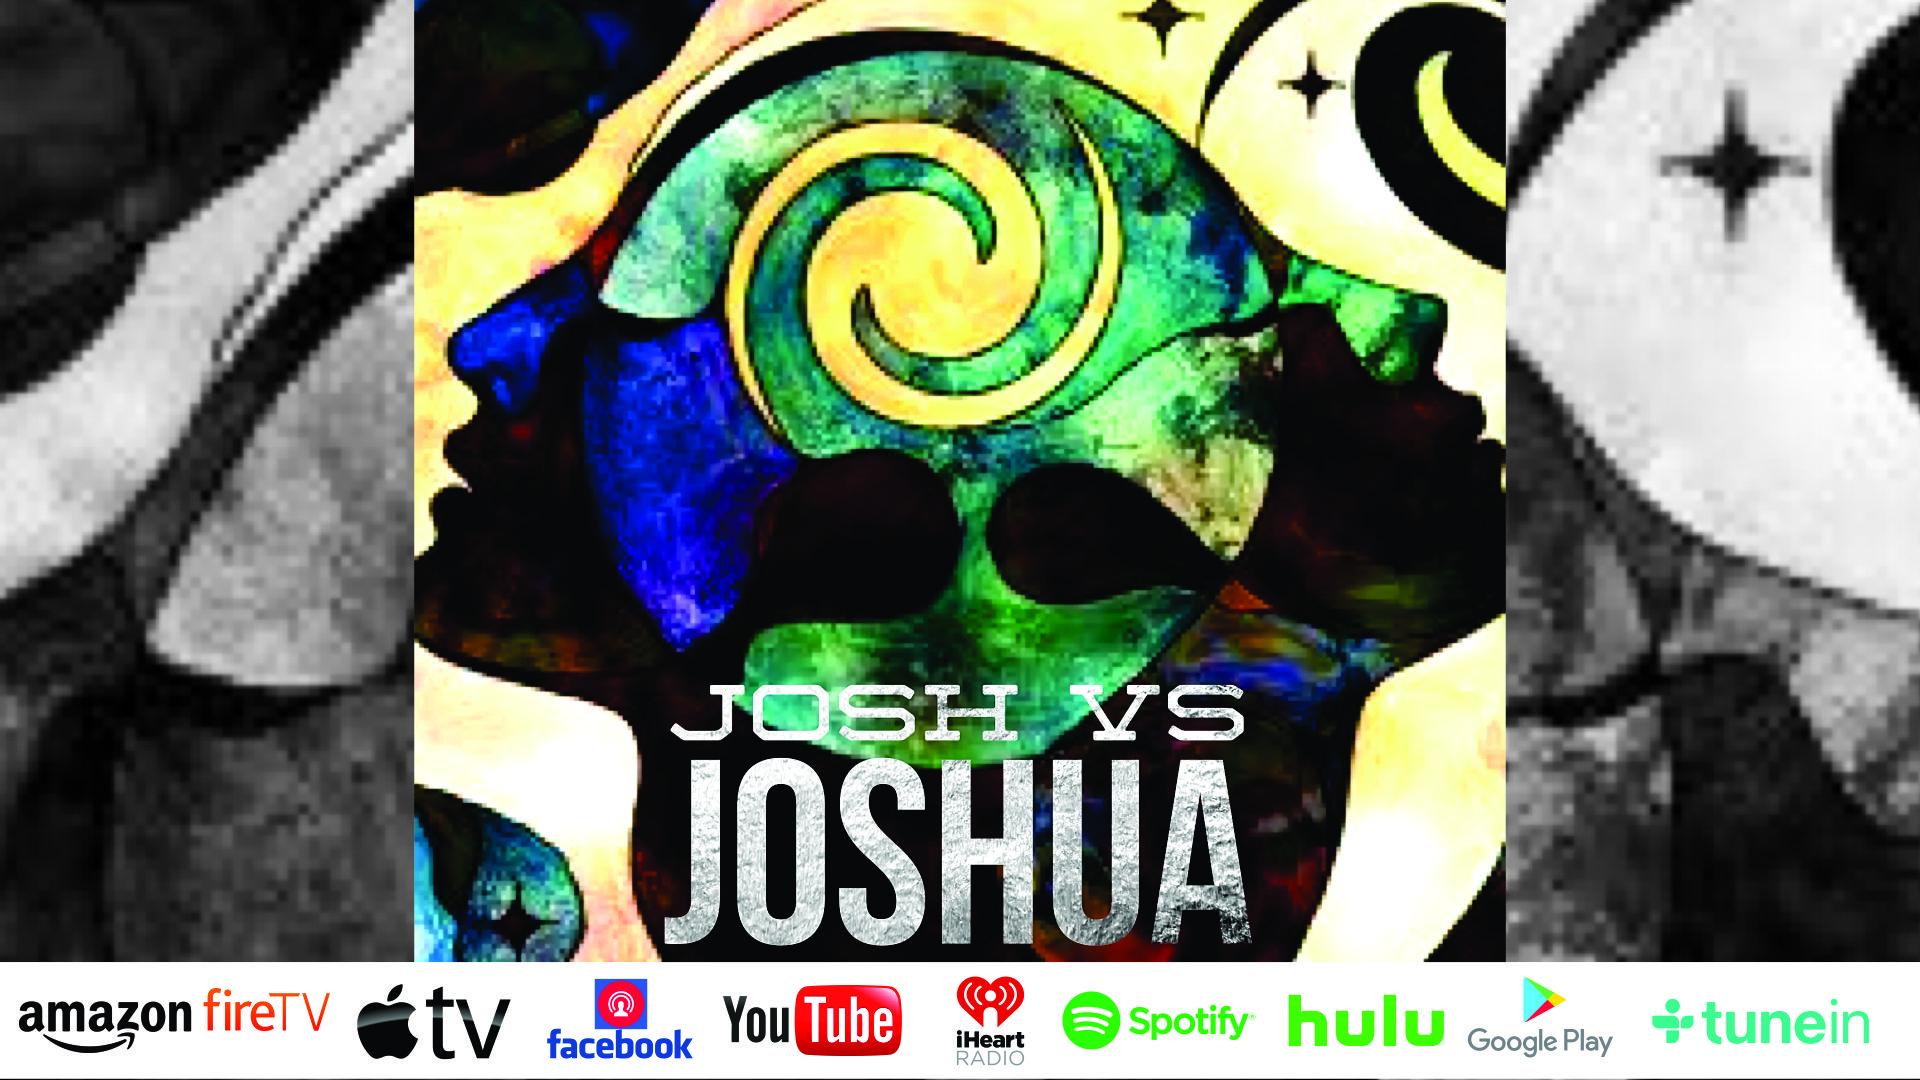 Josh VS Joshua